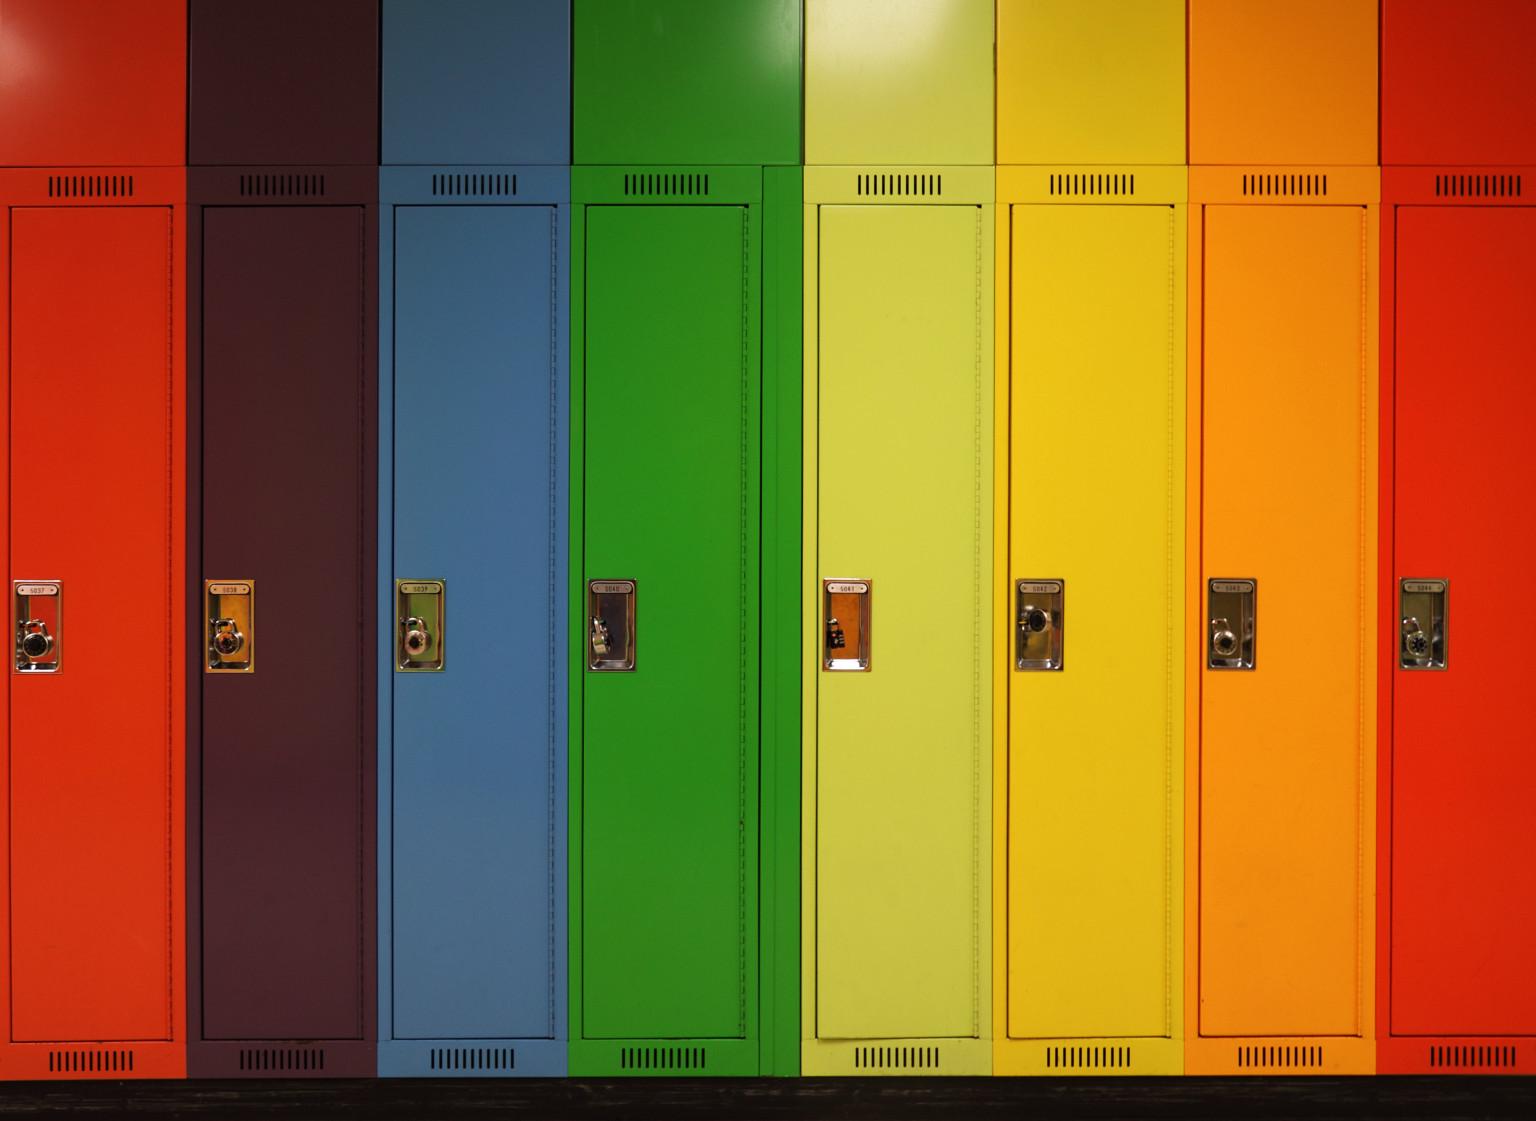 LGBT ile İlgili Konuları Öğretmek İstemeyen Dini Okul Kapatılabilir!